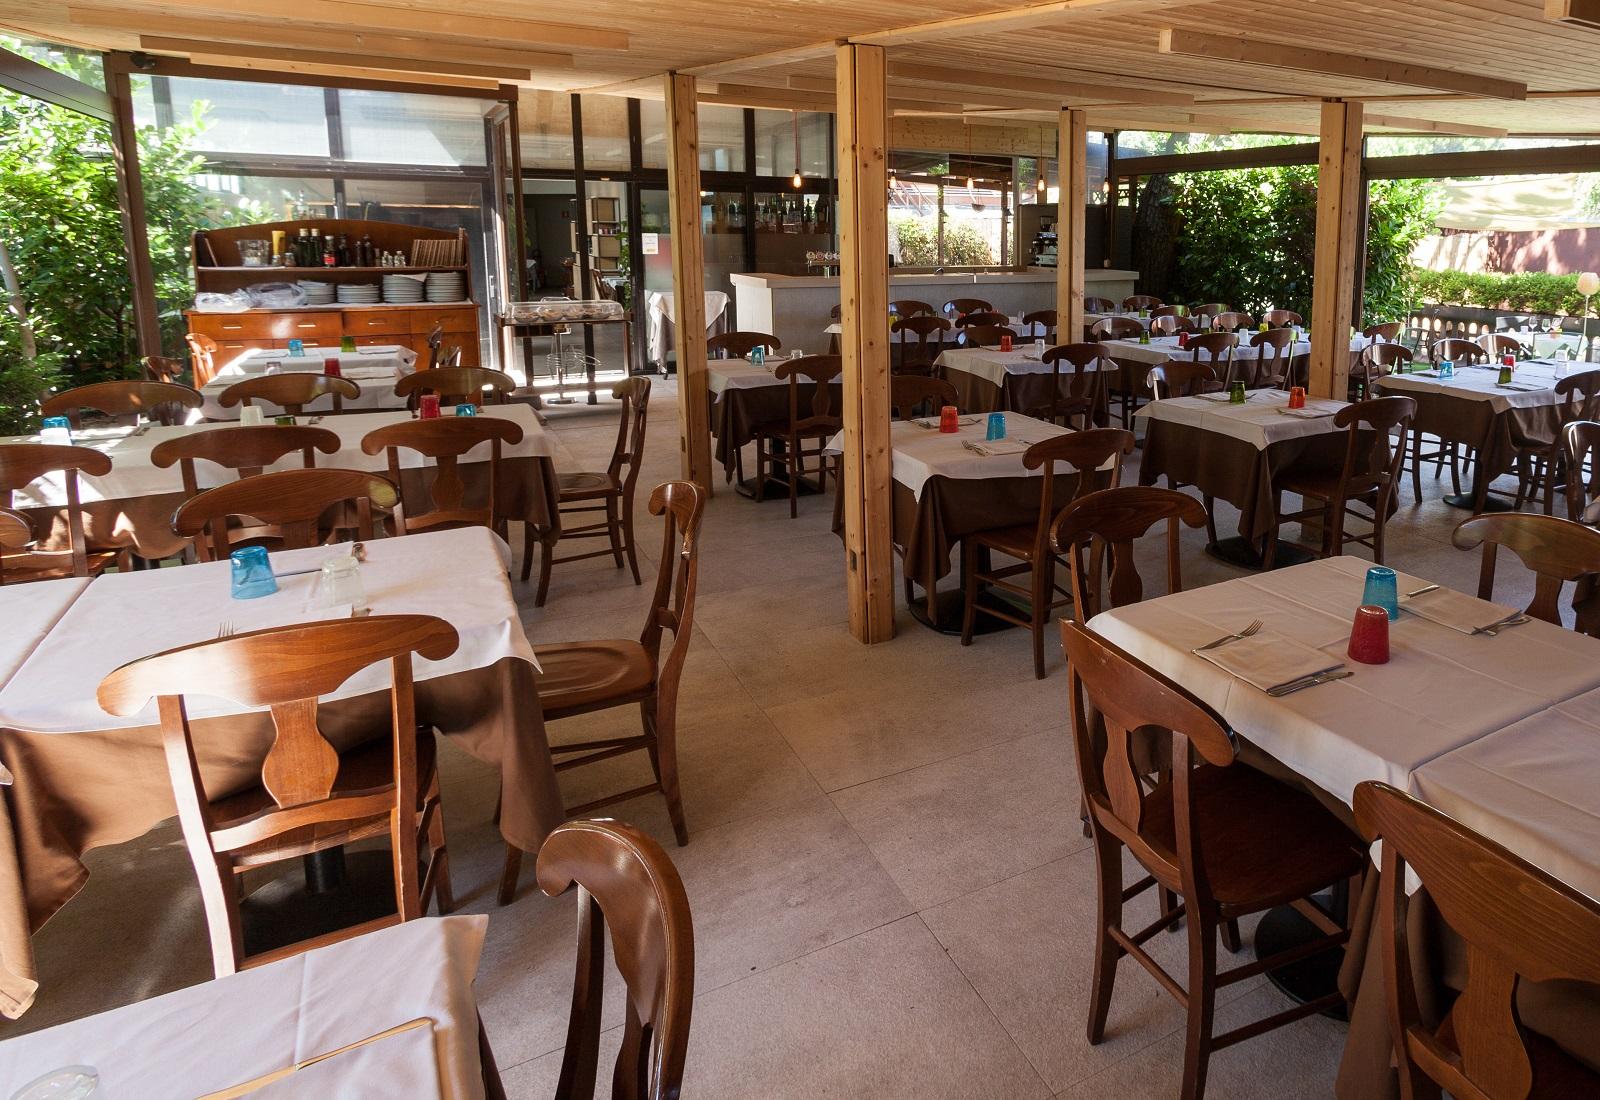 Ristorante Legnano: AL BORGO ANTICO Cucina Mediterranea-Pizzeria